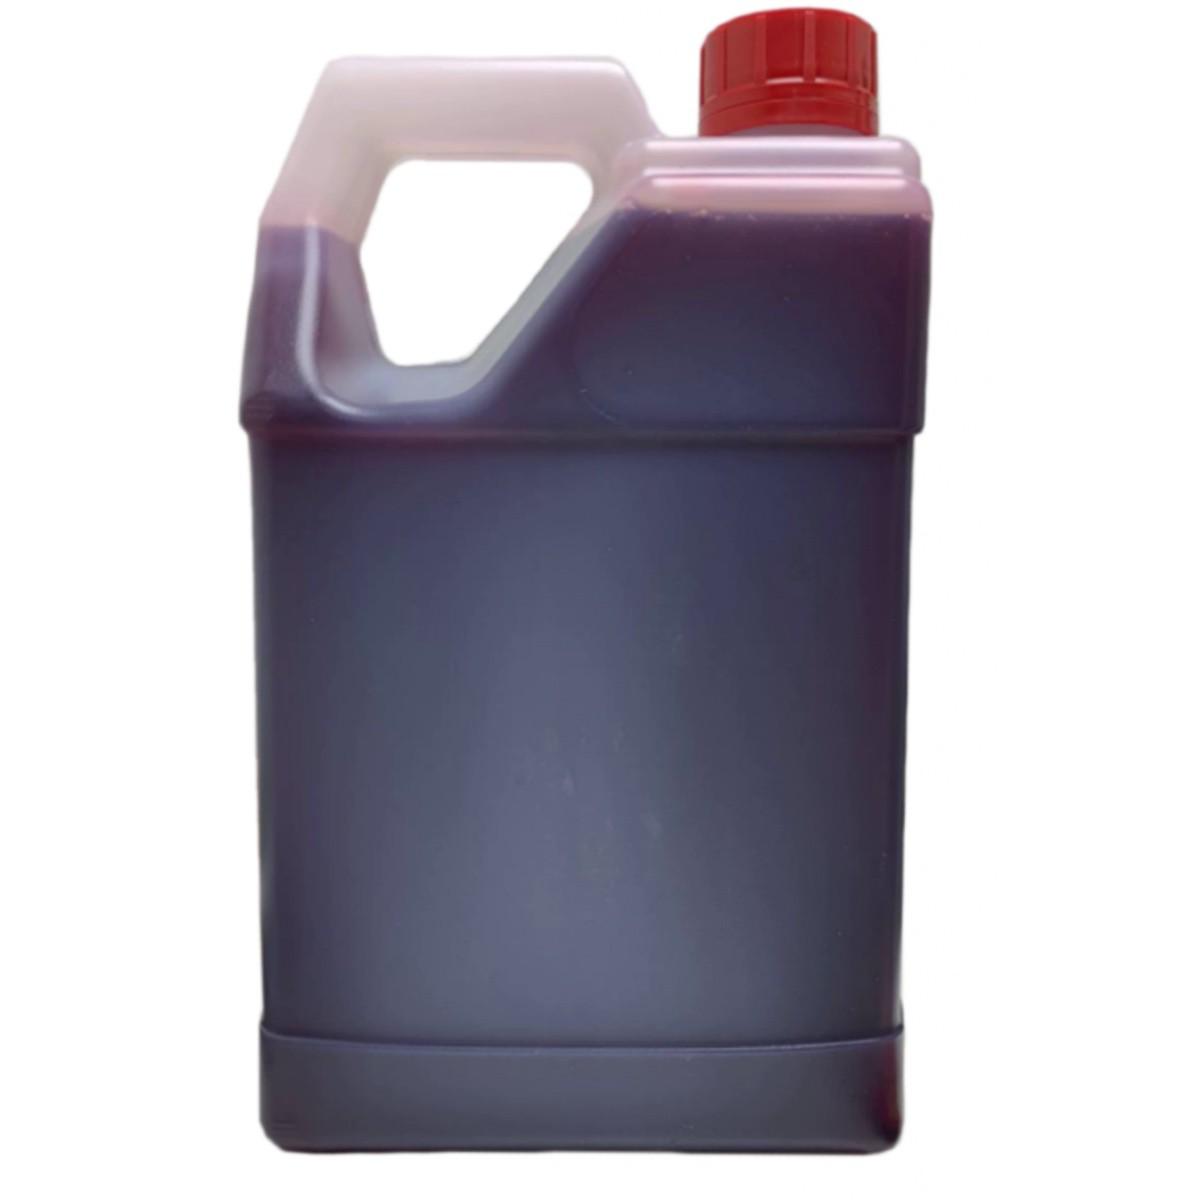 Kit Limpeza Acabamento - Prot Mult 200 1L + Brilho Max 2,2L